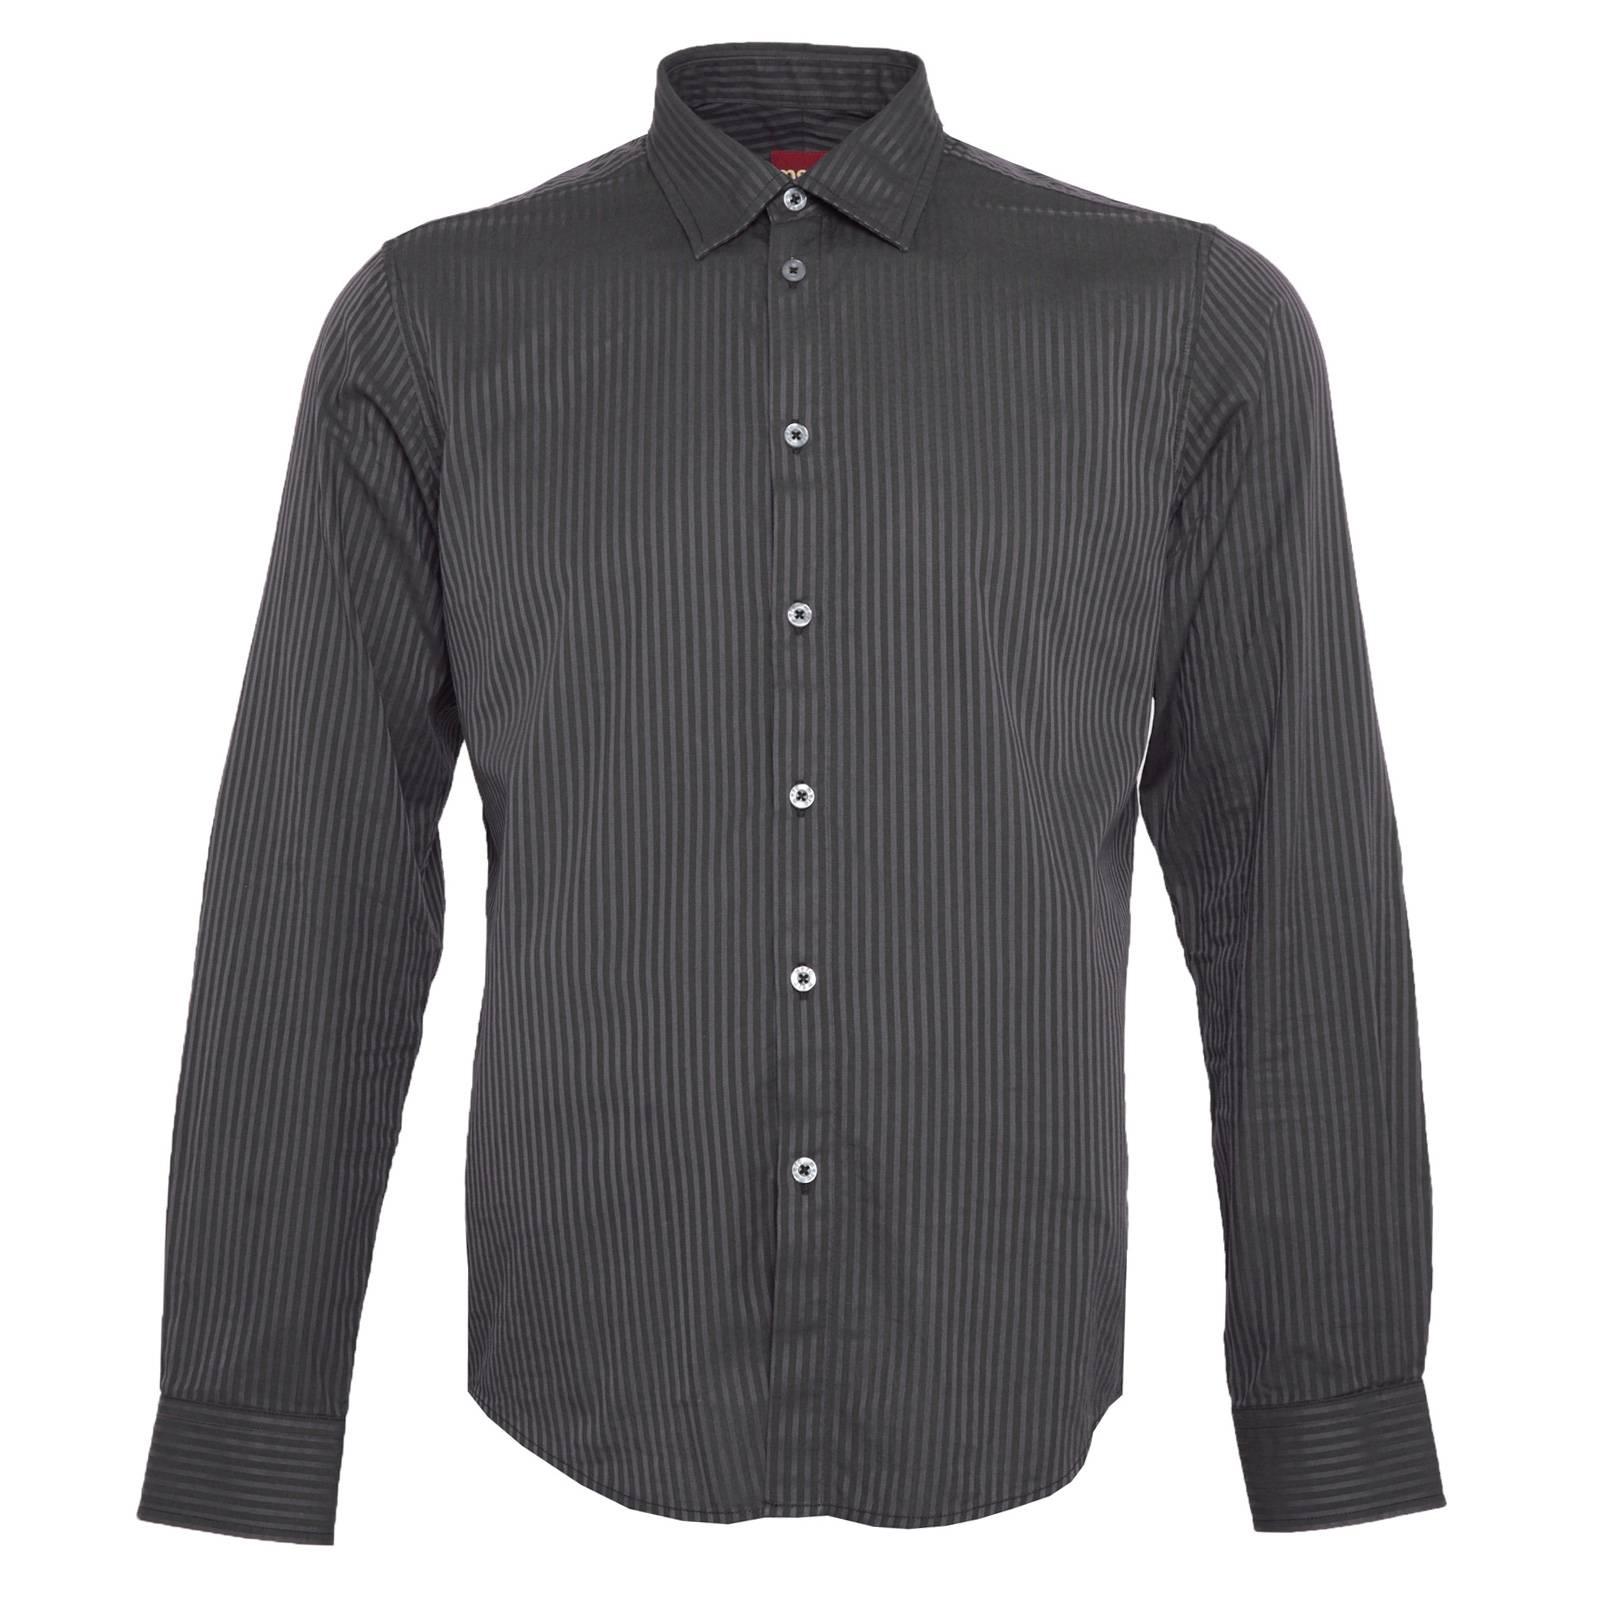 Рубашка AbottsРубашки<br>Классическая, приталенного покроя мужская рубашка с классическим воротником - отличный вариант для офисного или делового лука. &amp;lt;br /&amp;gt;<br>&amp;lt;br /&amp;gt;<br>Плотный, текстурный рубашечный материал из комбинированных тканей поплин и саржа образует строгий двухцветный узор в мелкую полоску, прекрасно сочетающийся с однотонным серым, черным или синим пиджаком.&amp;lt;br /&amp;gt;<br>&amp;lt;br /&amp;gt;<br>Конструкция отложного воротника с заостренными и направленными чуть в стороны концами, укрепленными изнутри специальными эластичными пластинами, идеально подходит для большого галстучного узла.<br><br>Артикул: 1511208<br>Материал: 100% хлопок<br>Цвет: черный<br>Пол: Мужской